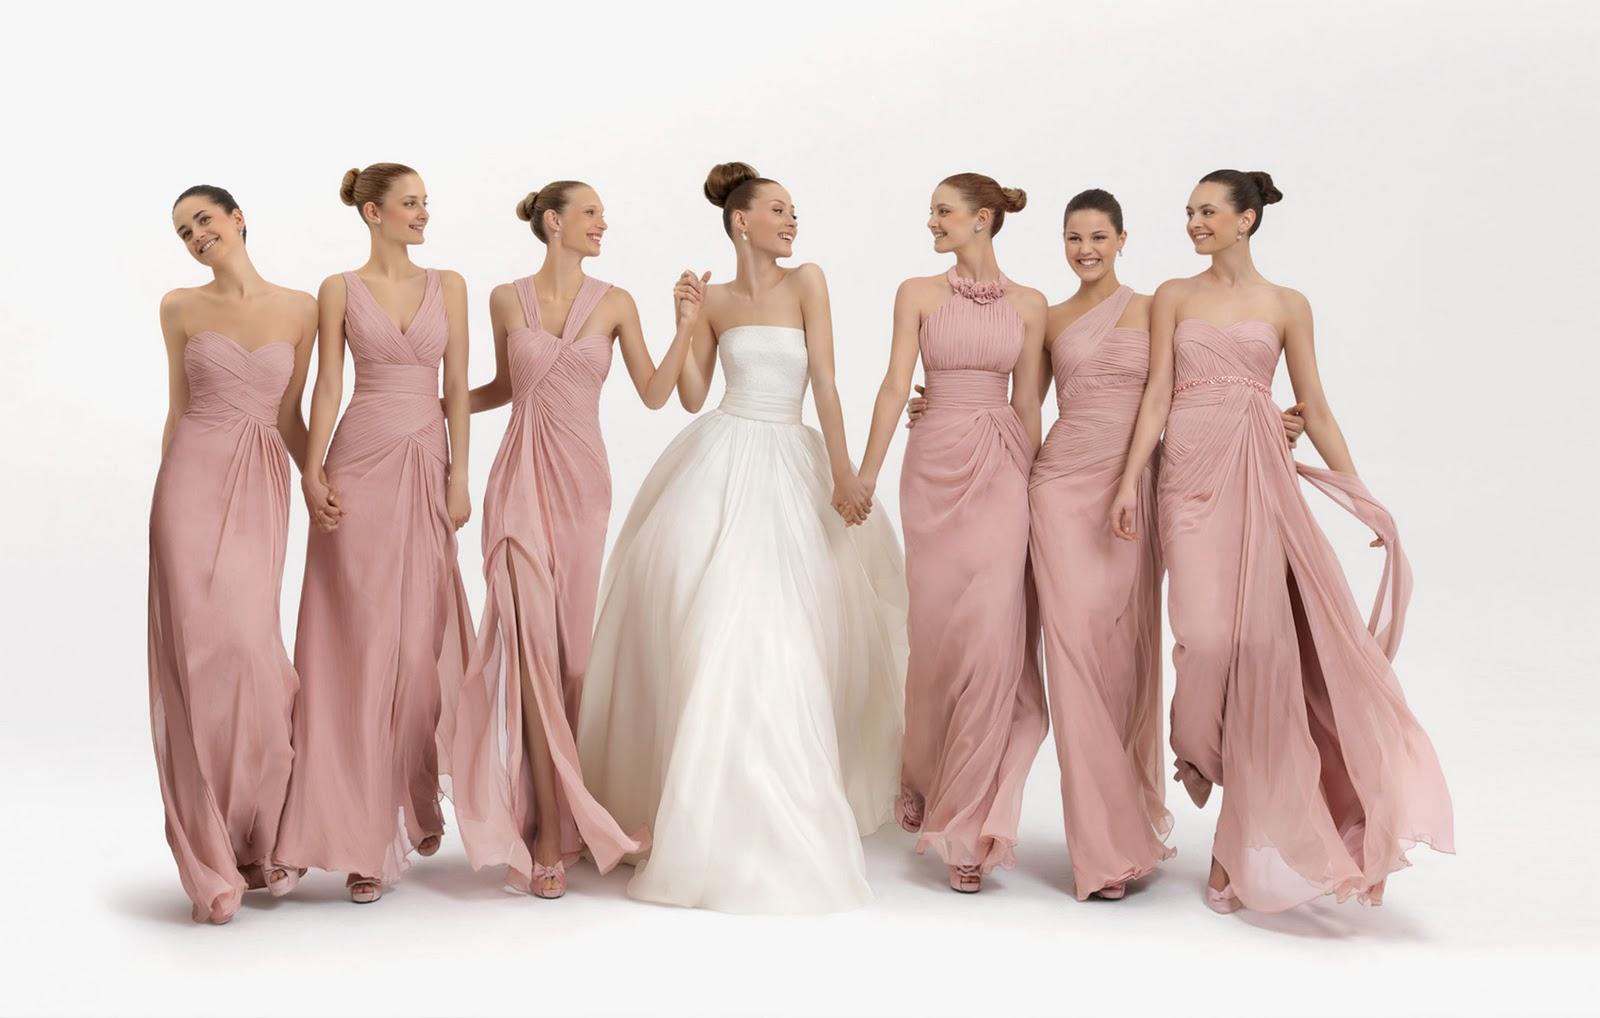 damas_de_honor_two_fiesta_5T256_5T254_5T249_5T257_5T251_5T248 Western Wedding Entourage